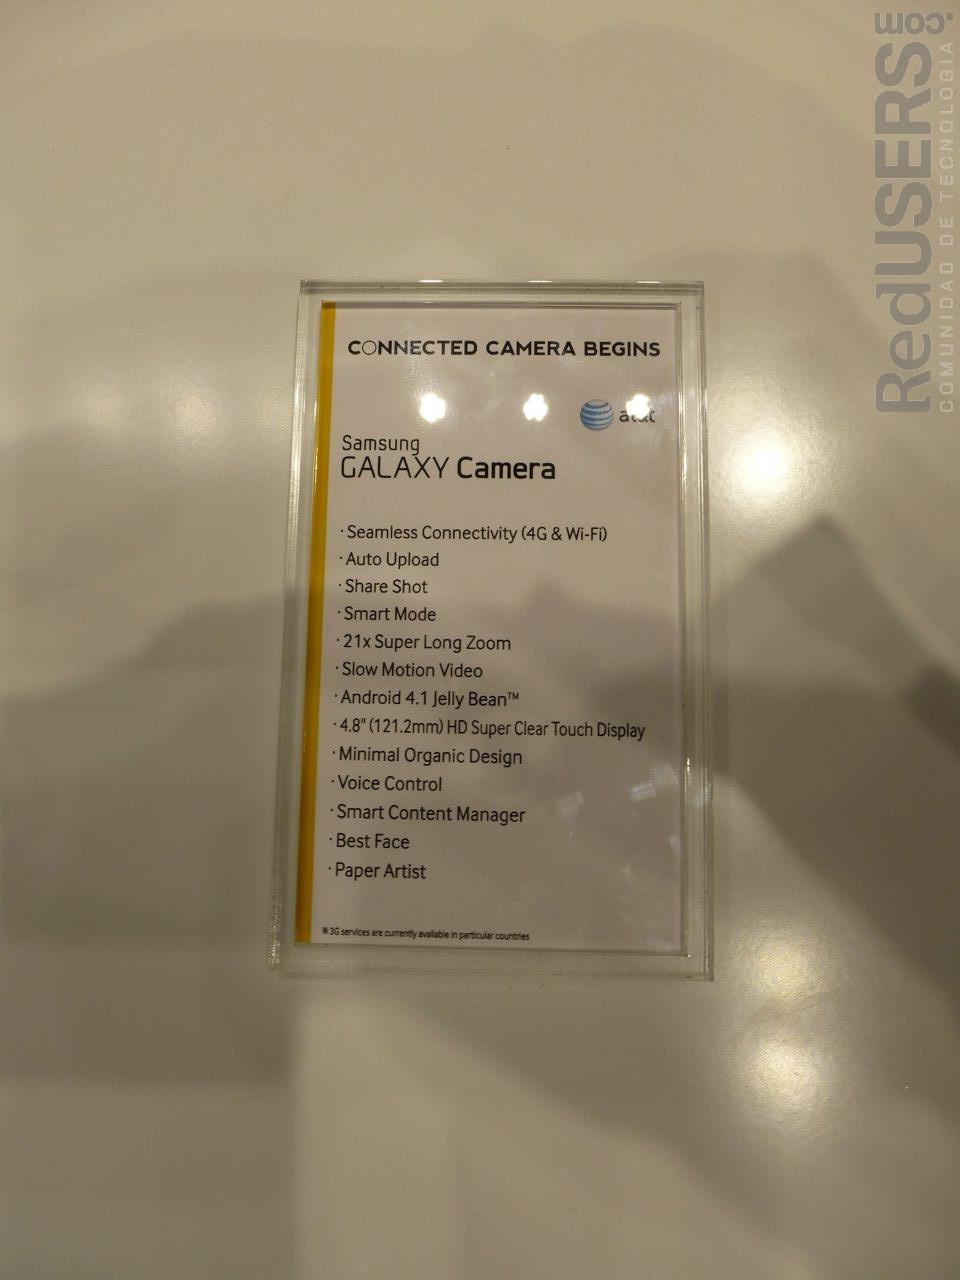 Las especificaciones de la cámara equipada con Android